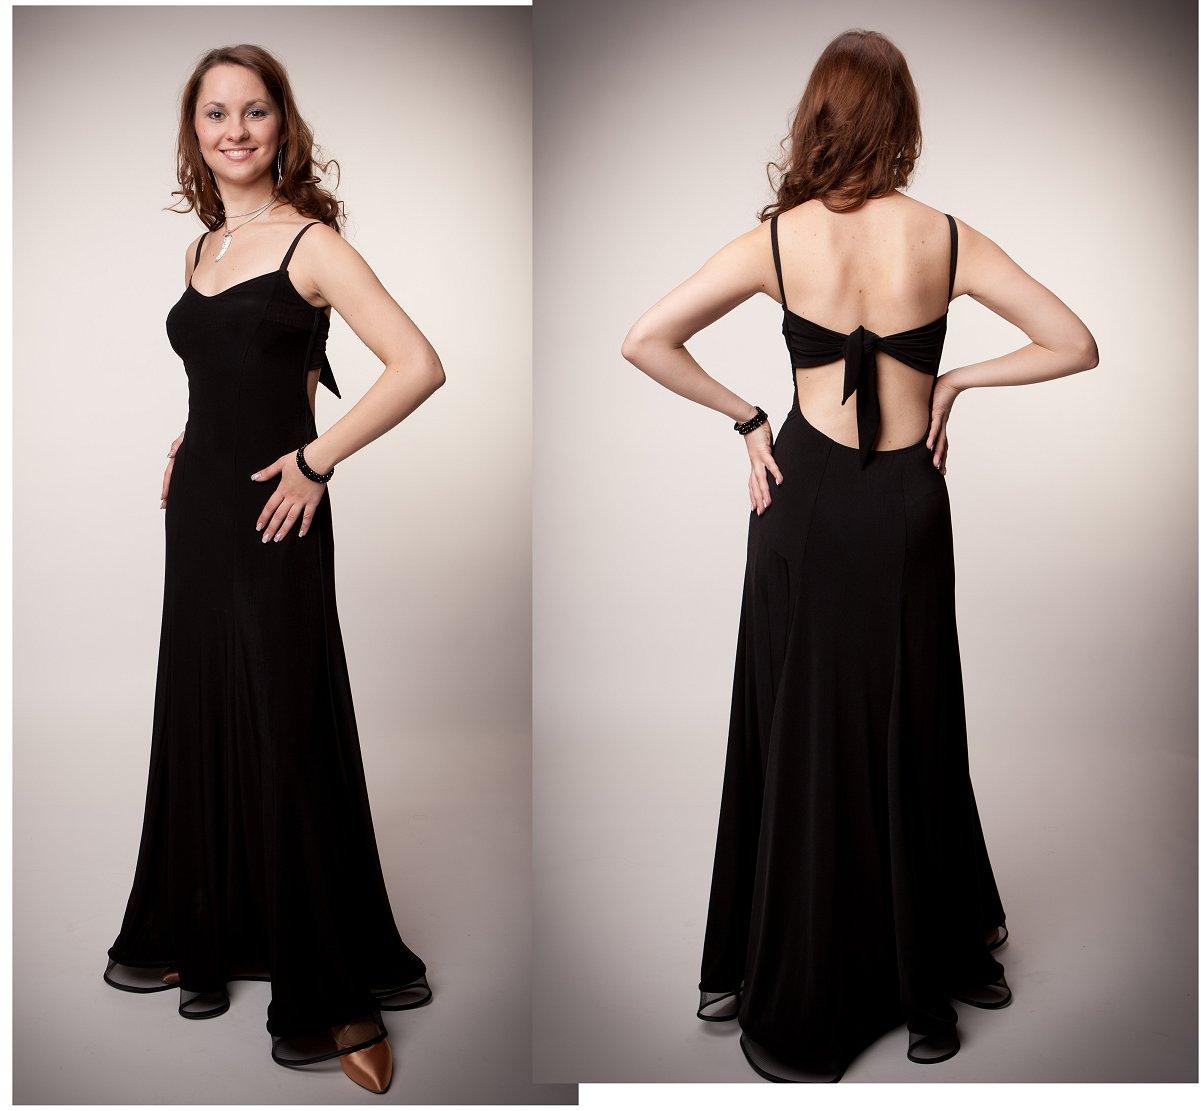 e4b31210576a5 黒のノースリーブのパーティまたは準正装用ドレス(サンドラデザイン ...